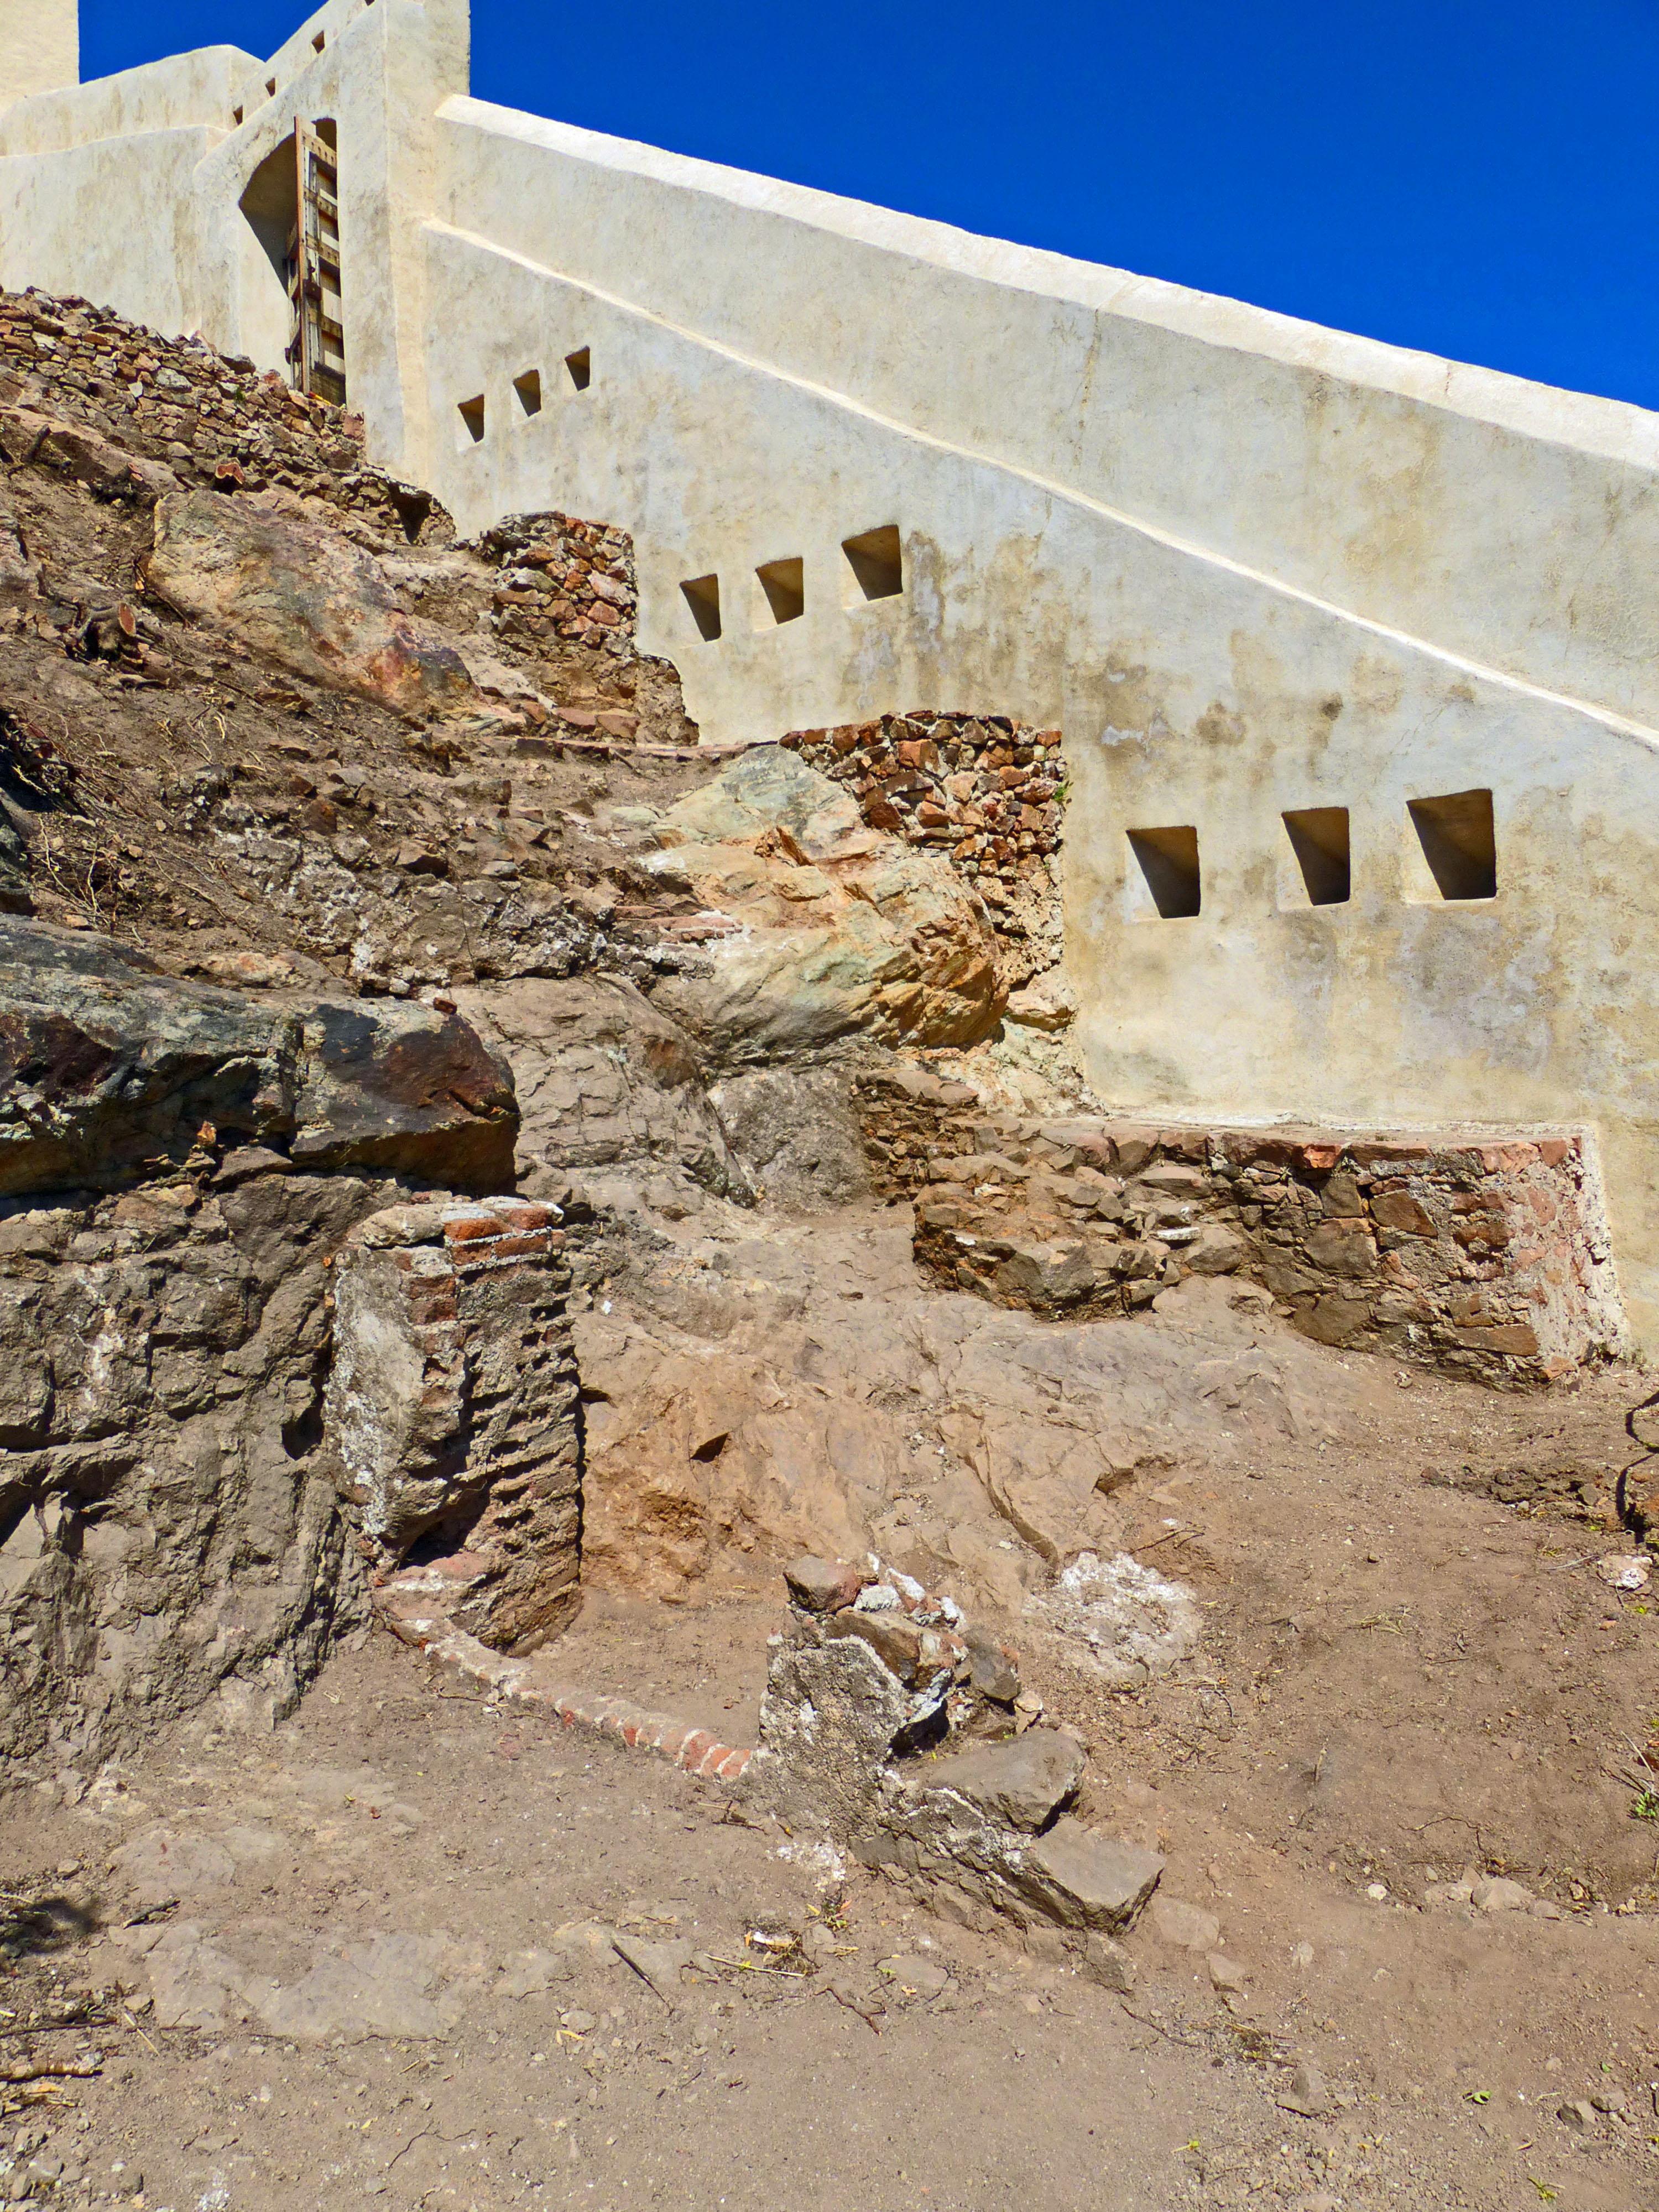 Mise au jour du chemin de ronde avec paliers et escalier sur la fortification initiale barrant l'éperon. Crédits Photo : A. Huser, Inrap.